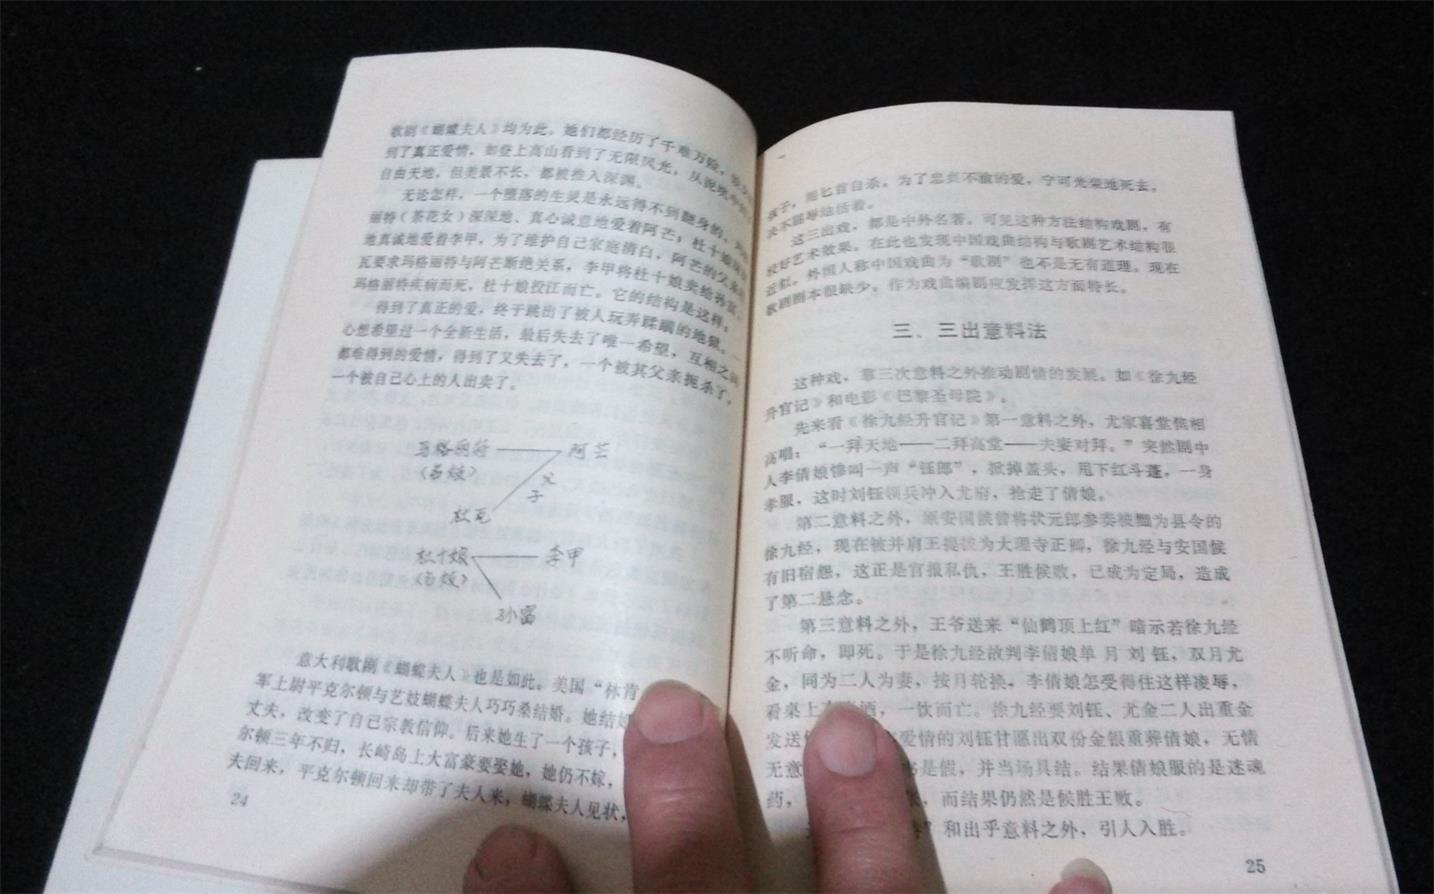 优秀微电影剧本范文_求电影剧本的格式及范文